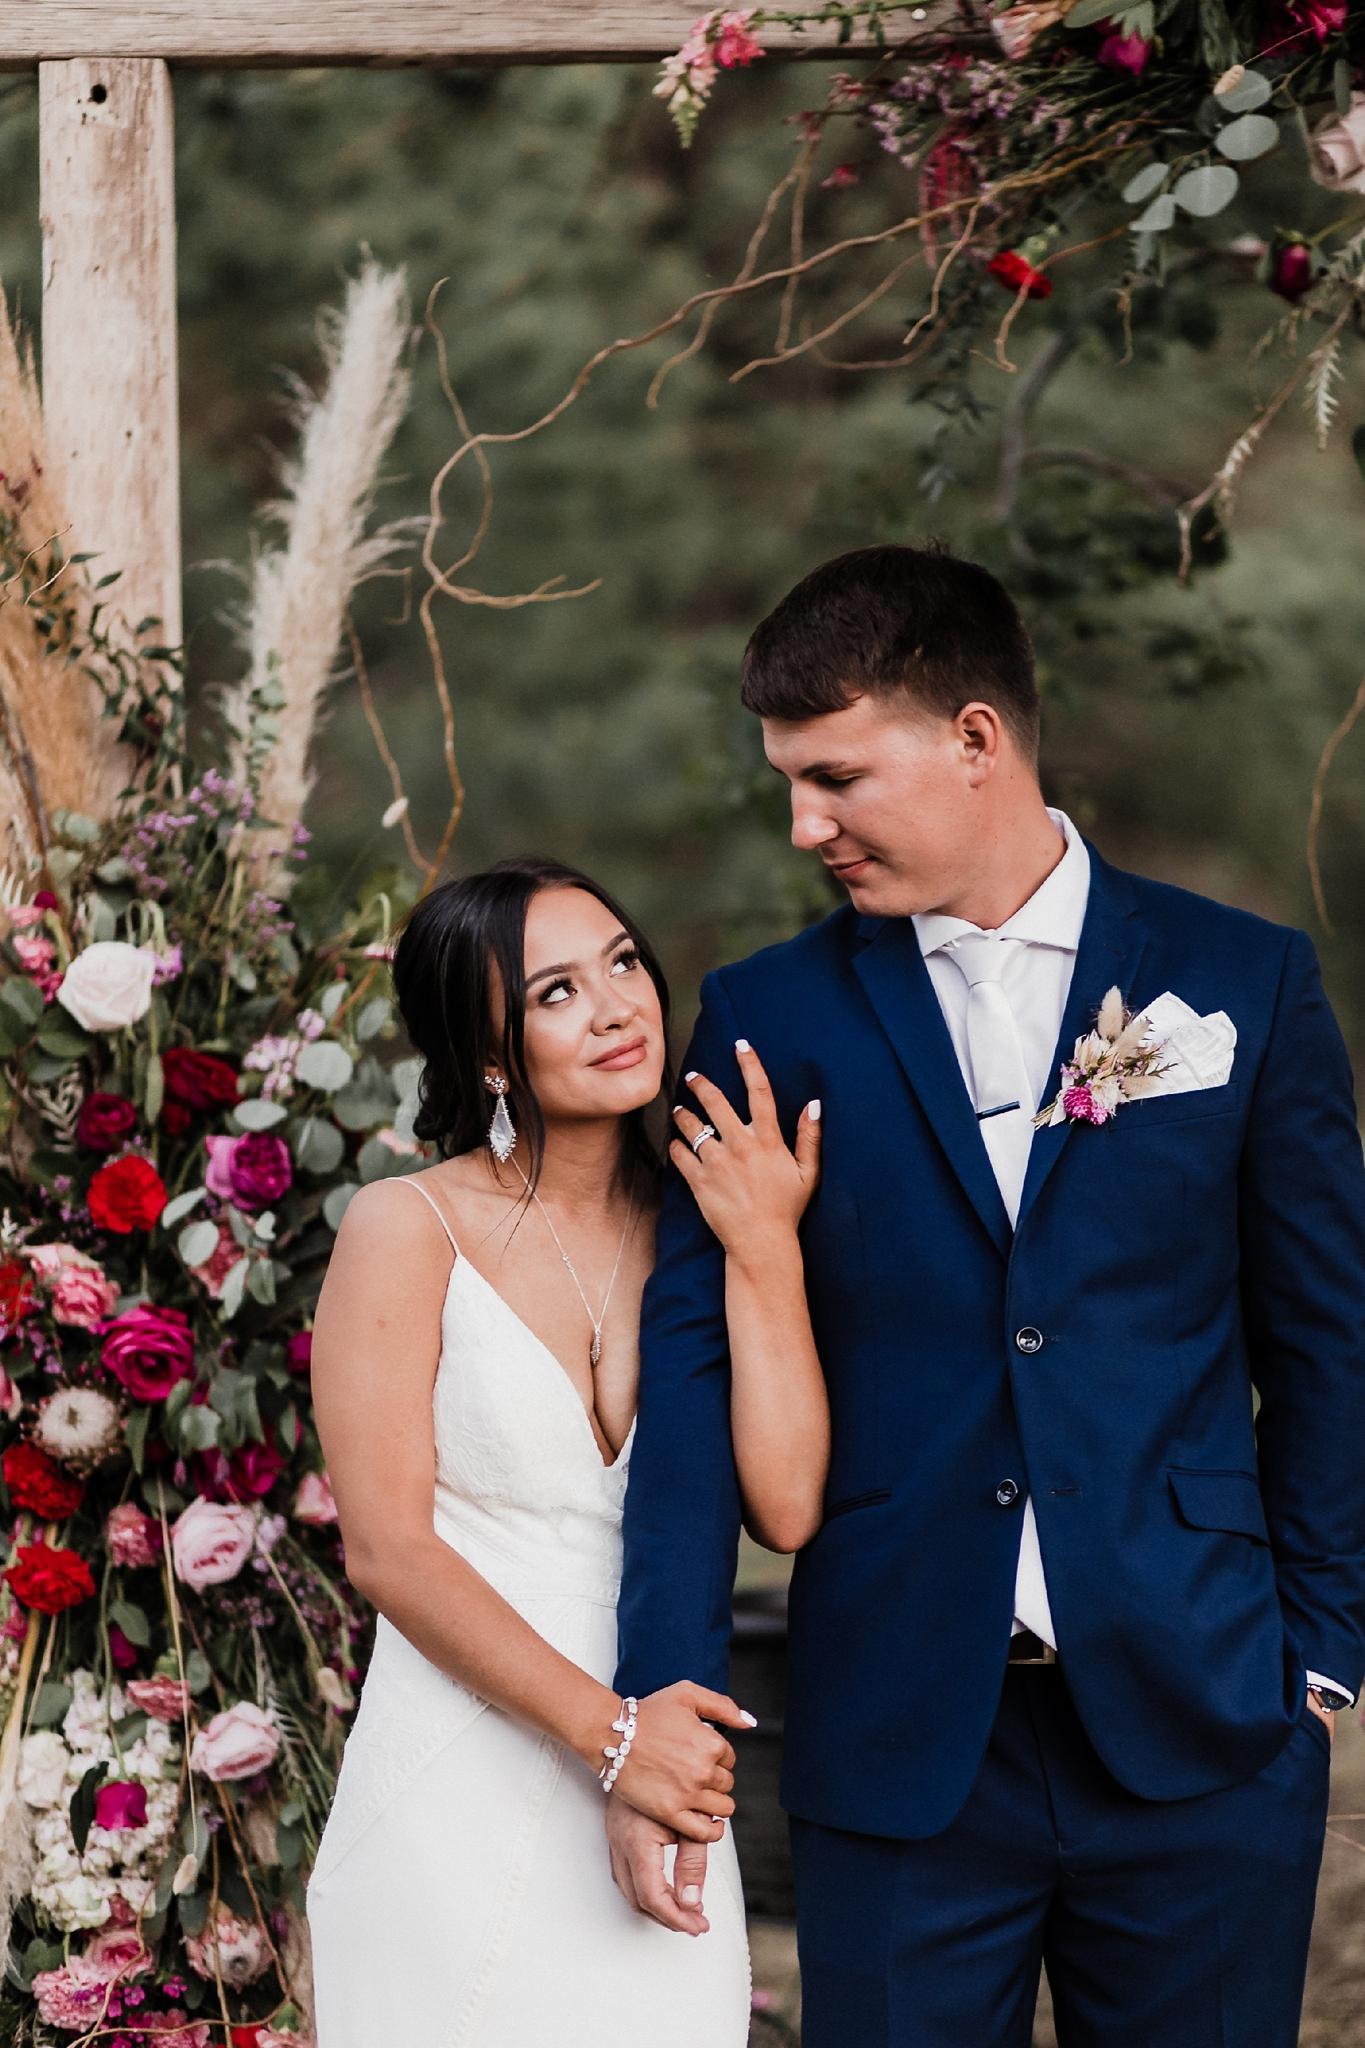 Alicia+lucia+photography+-+albuquerque+wedding+photographer+-+santa+fe+wedding+photography+-+new+mexico+wedding+photographer+-+new+mexico+wedding+-+new+mexico+wedding+-+barn+wedding+-+enchanted+vine+barn+wedding+-+ruidoso+wedding_0162.jpg